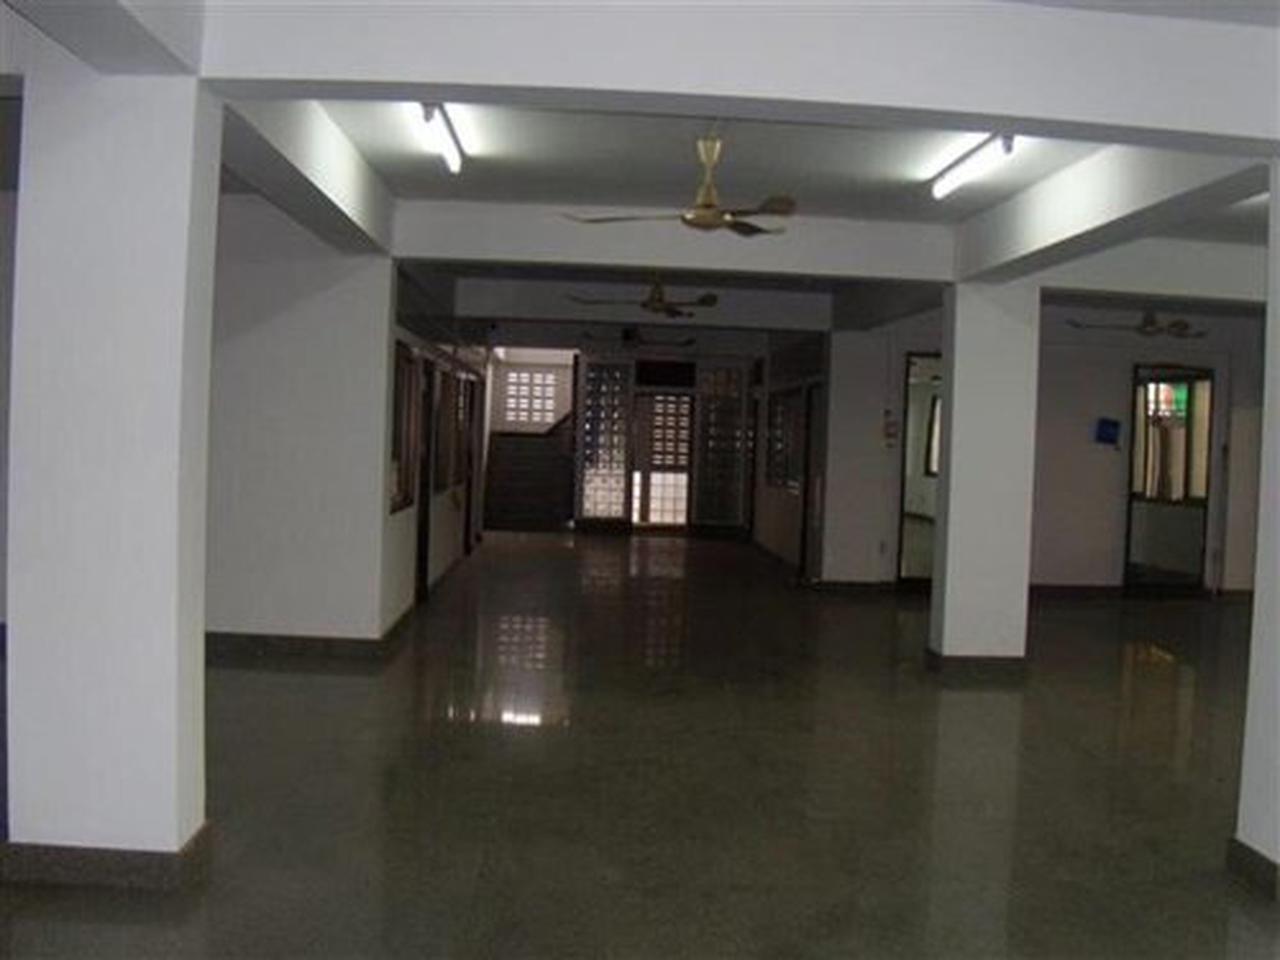 ขายอาคารพาณิชย์ 6 ชั้น อยู่ในซอยกรุงธนบุรี 6  เนื้อที่ 234.8 รูปที่ 3